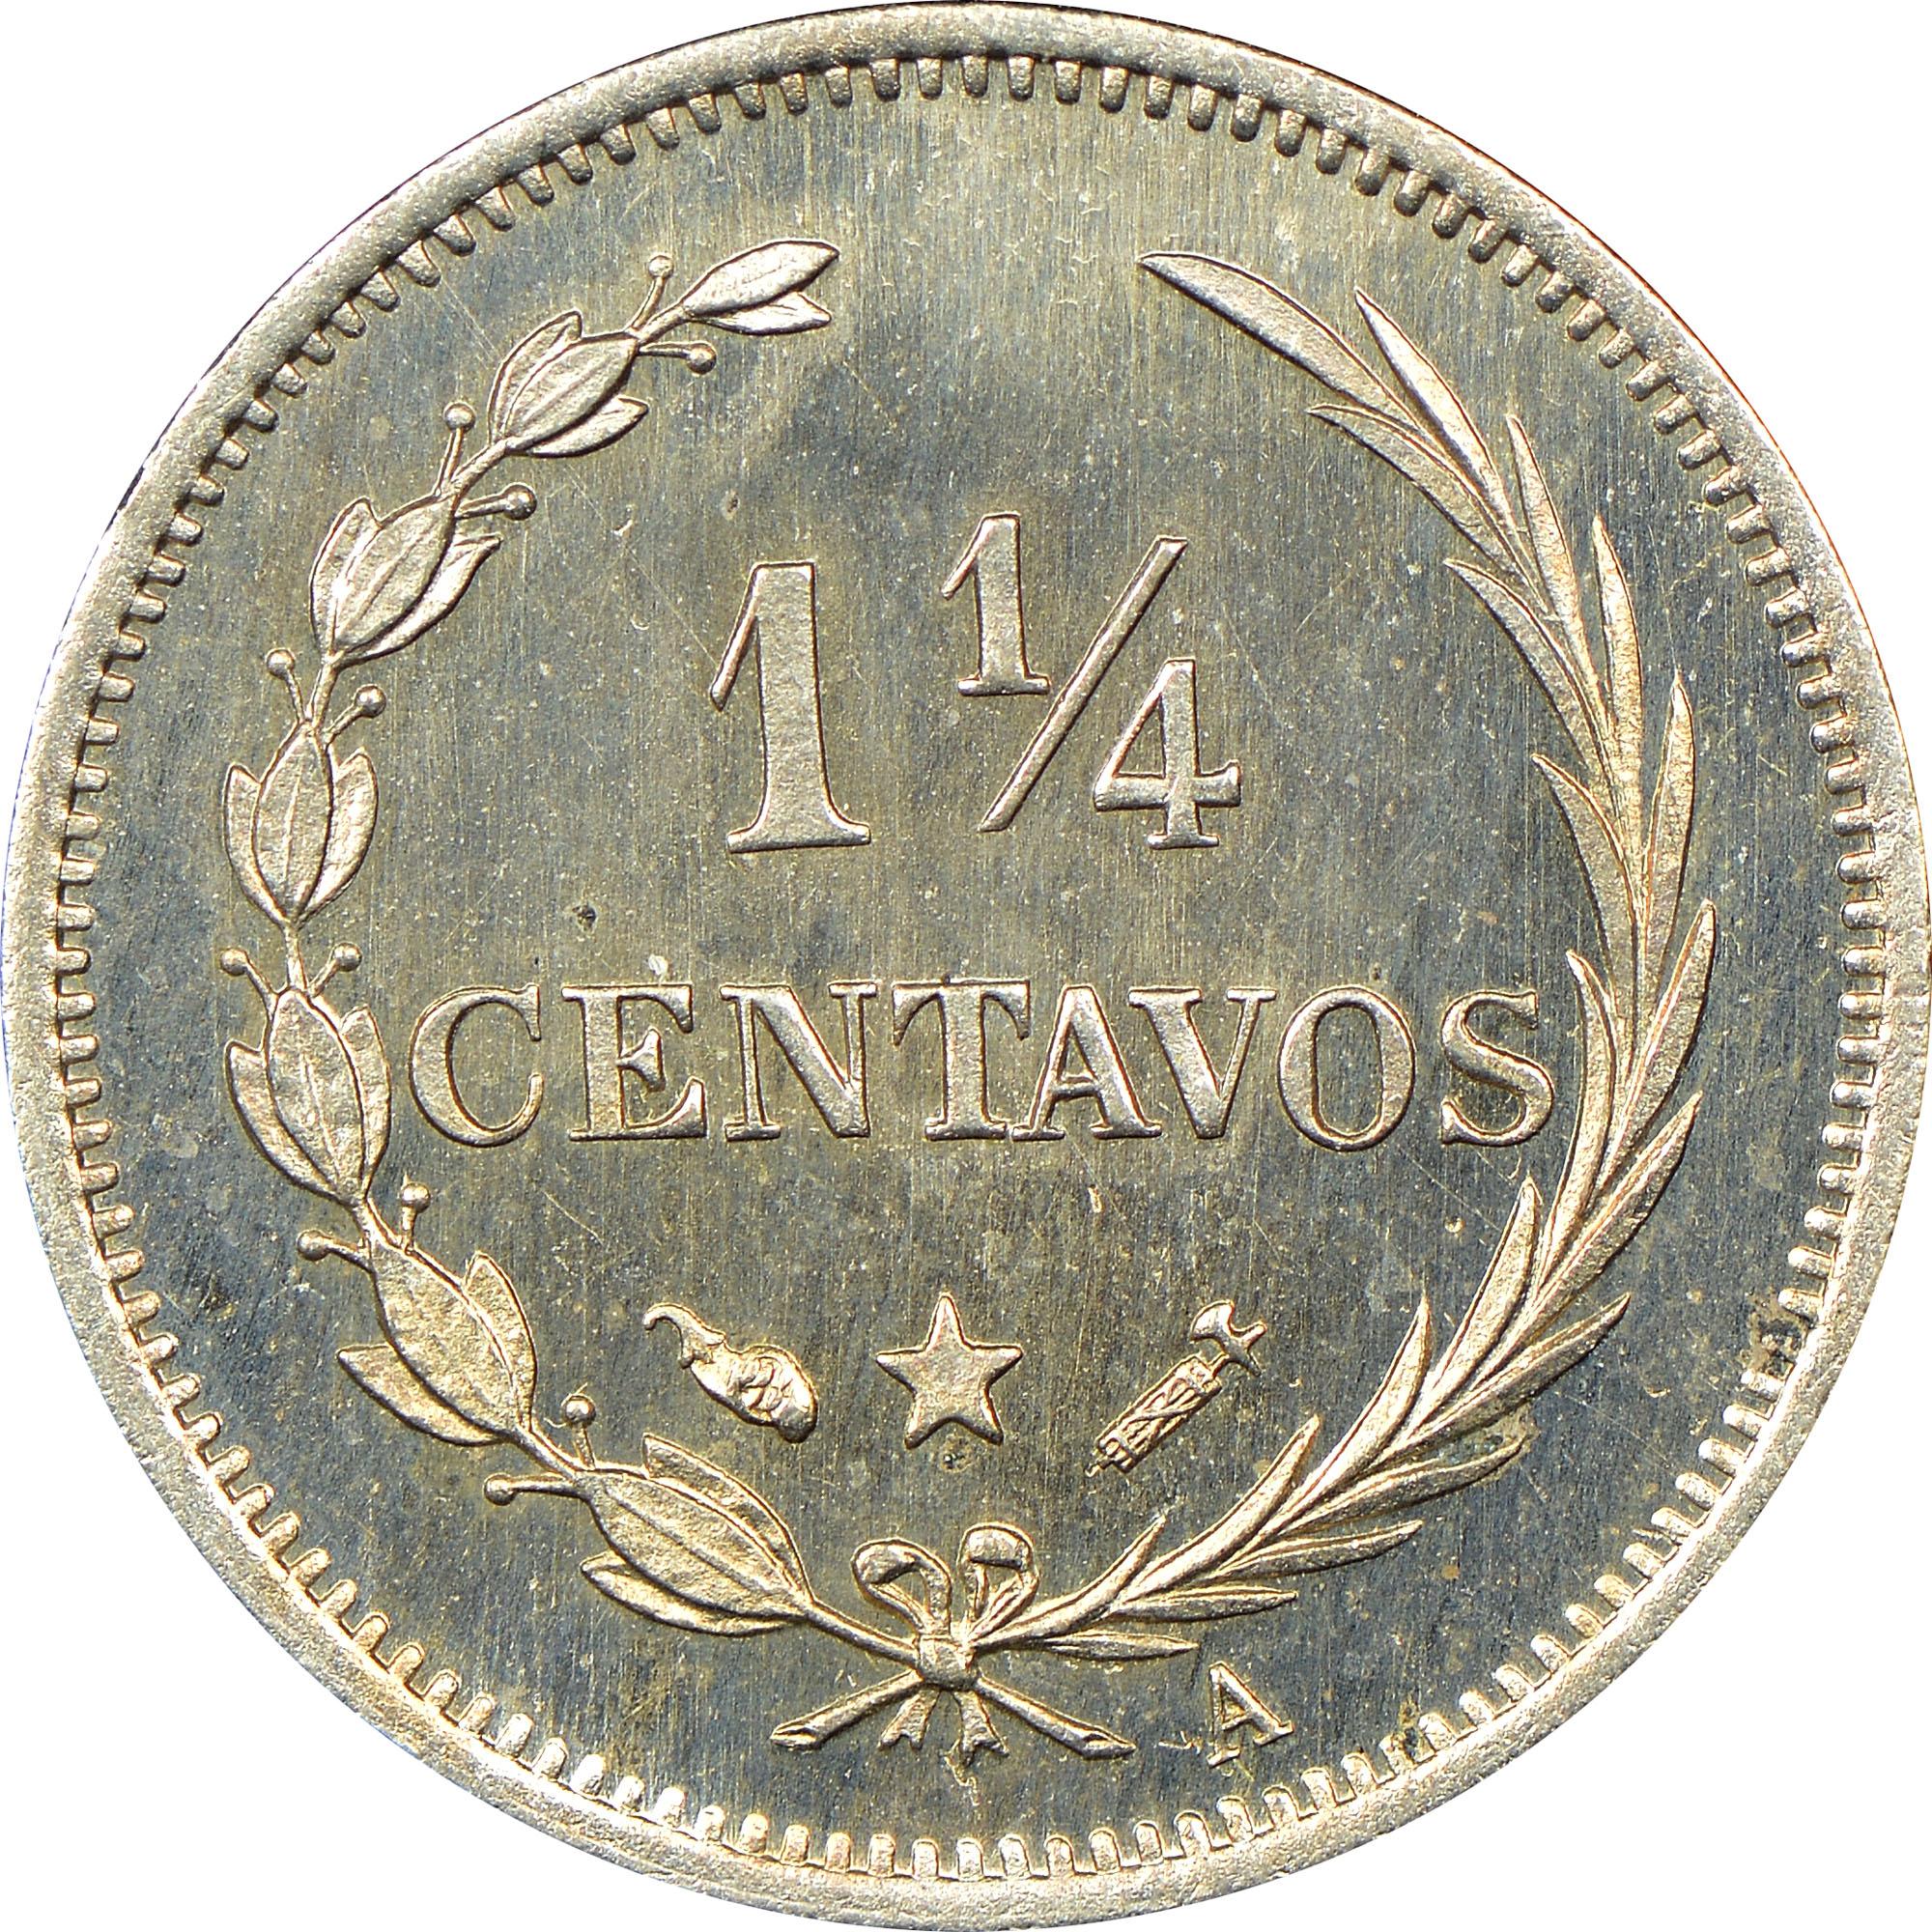 Dominican Republic 1-1/4 Centavos reverse